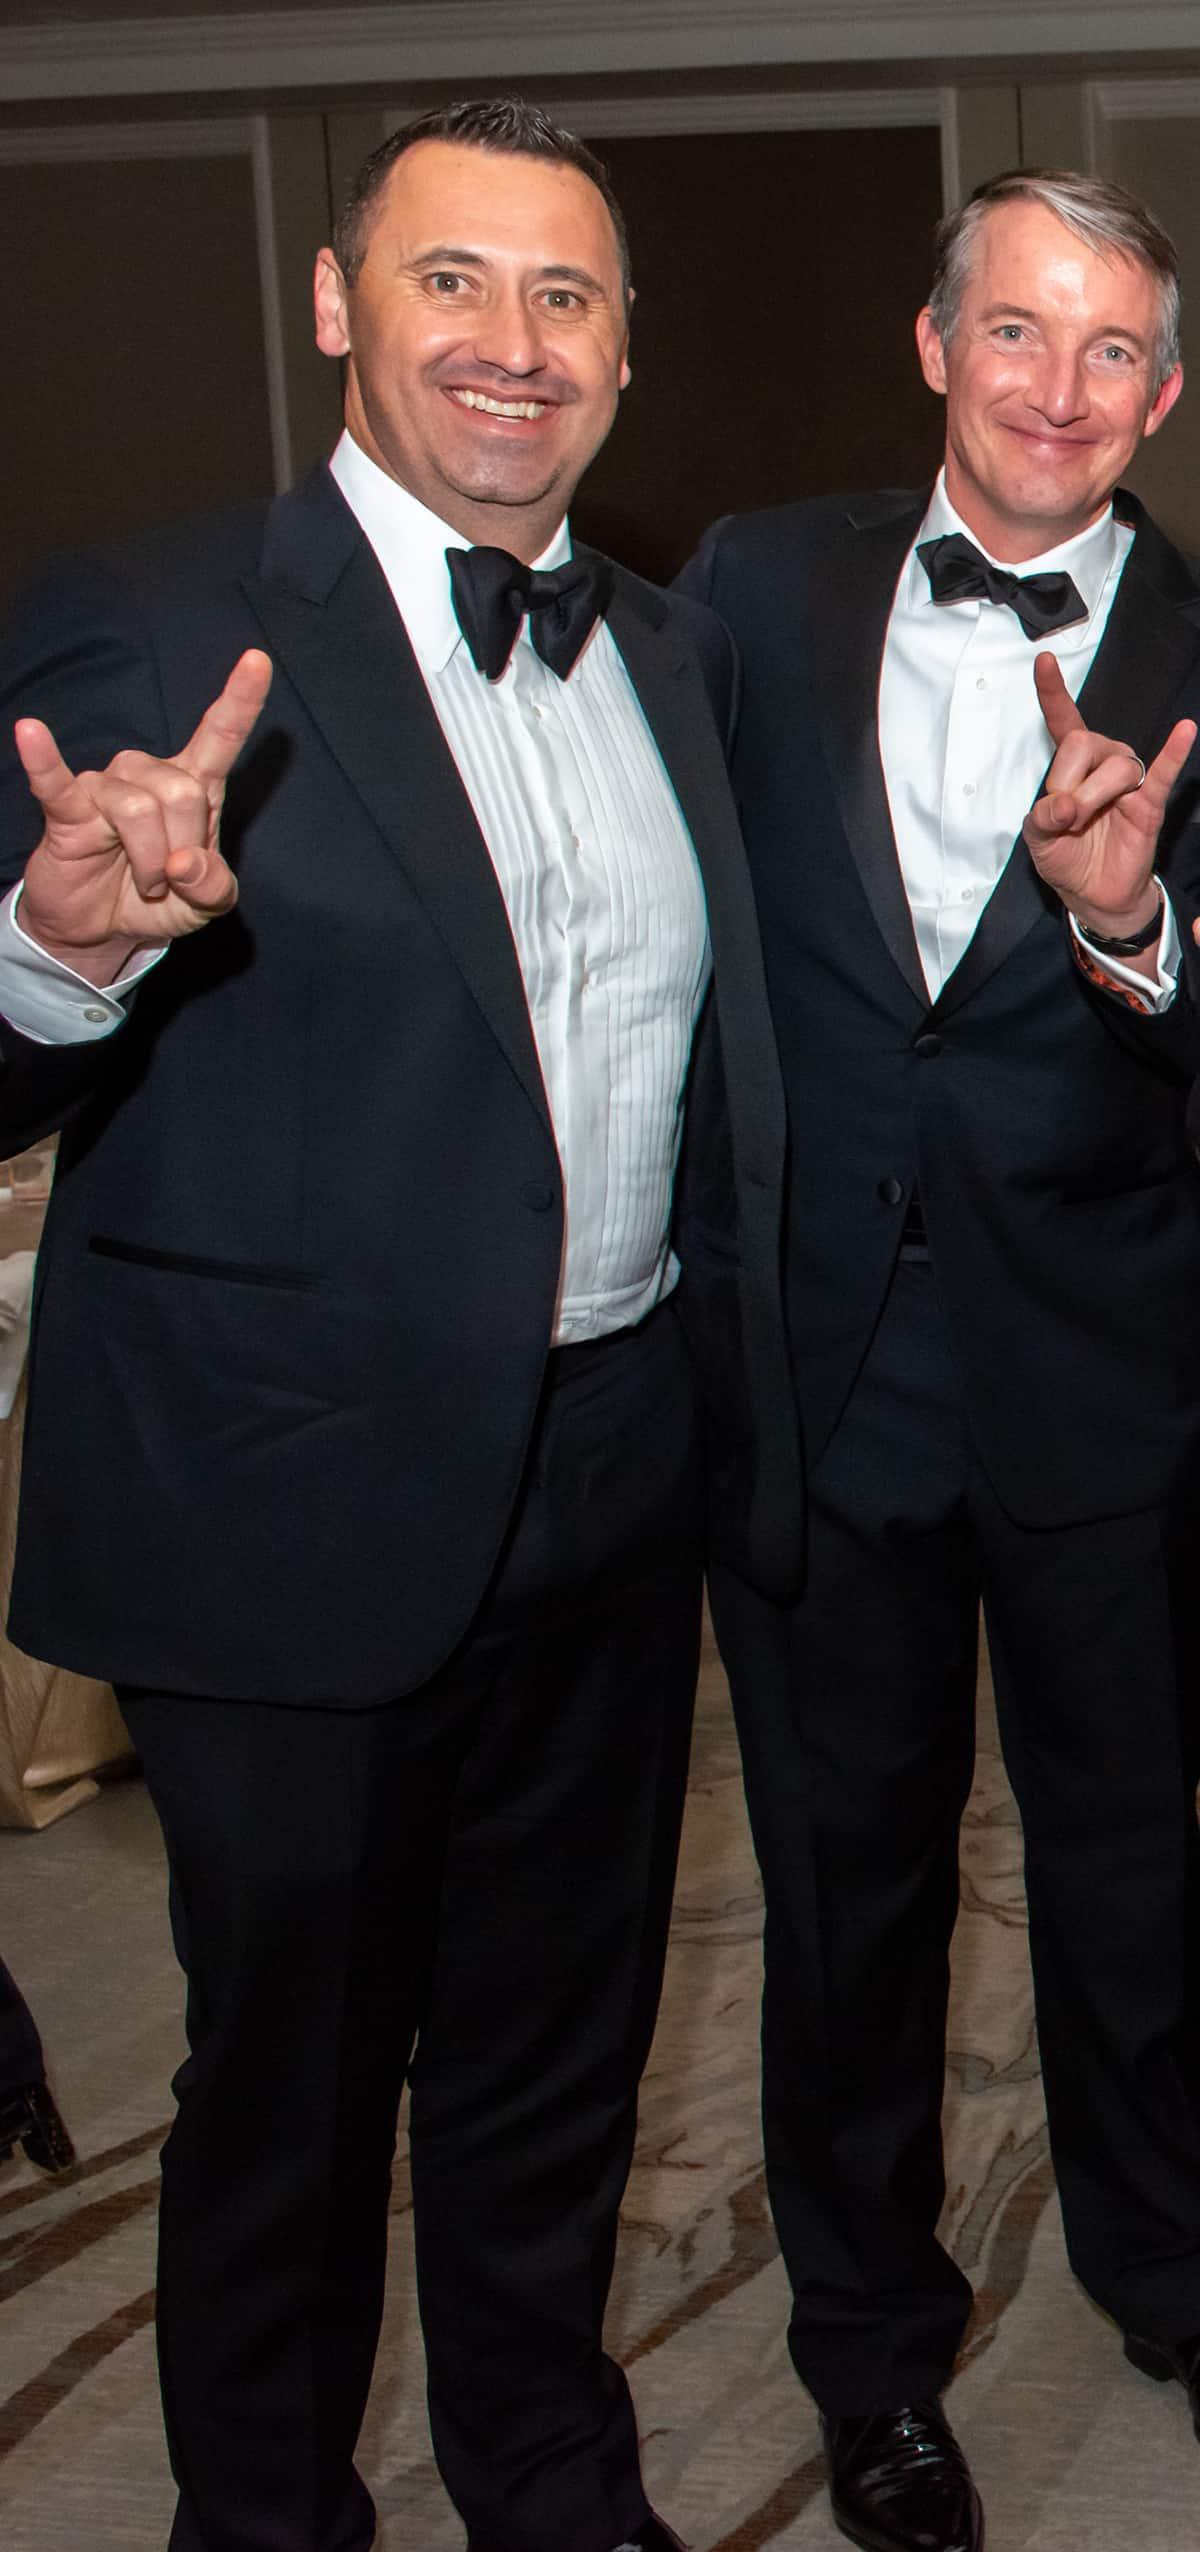 Steve Sarkisian and Jay Hartzell